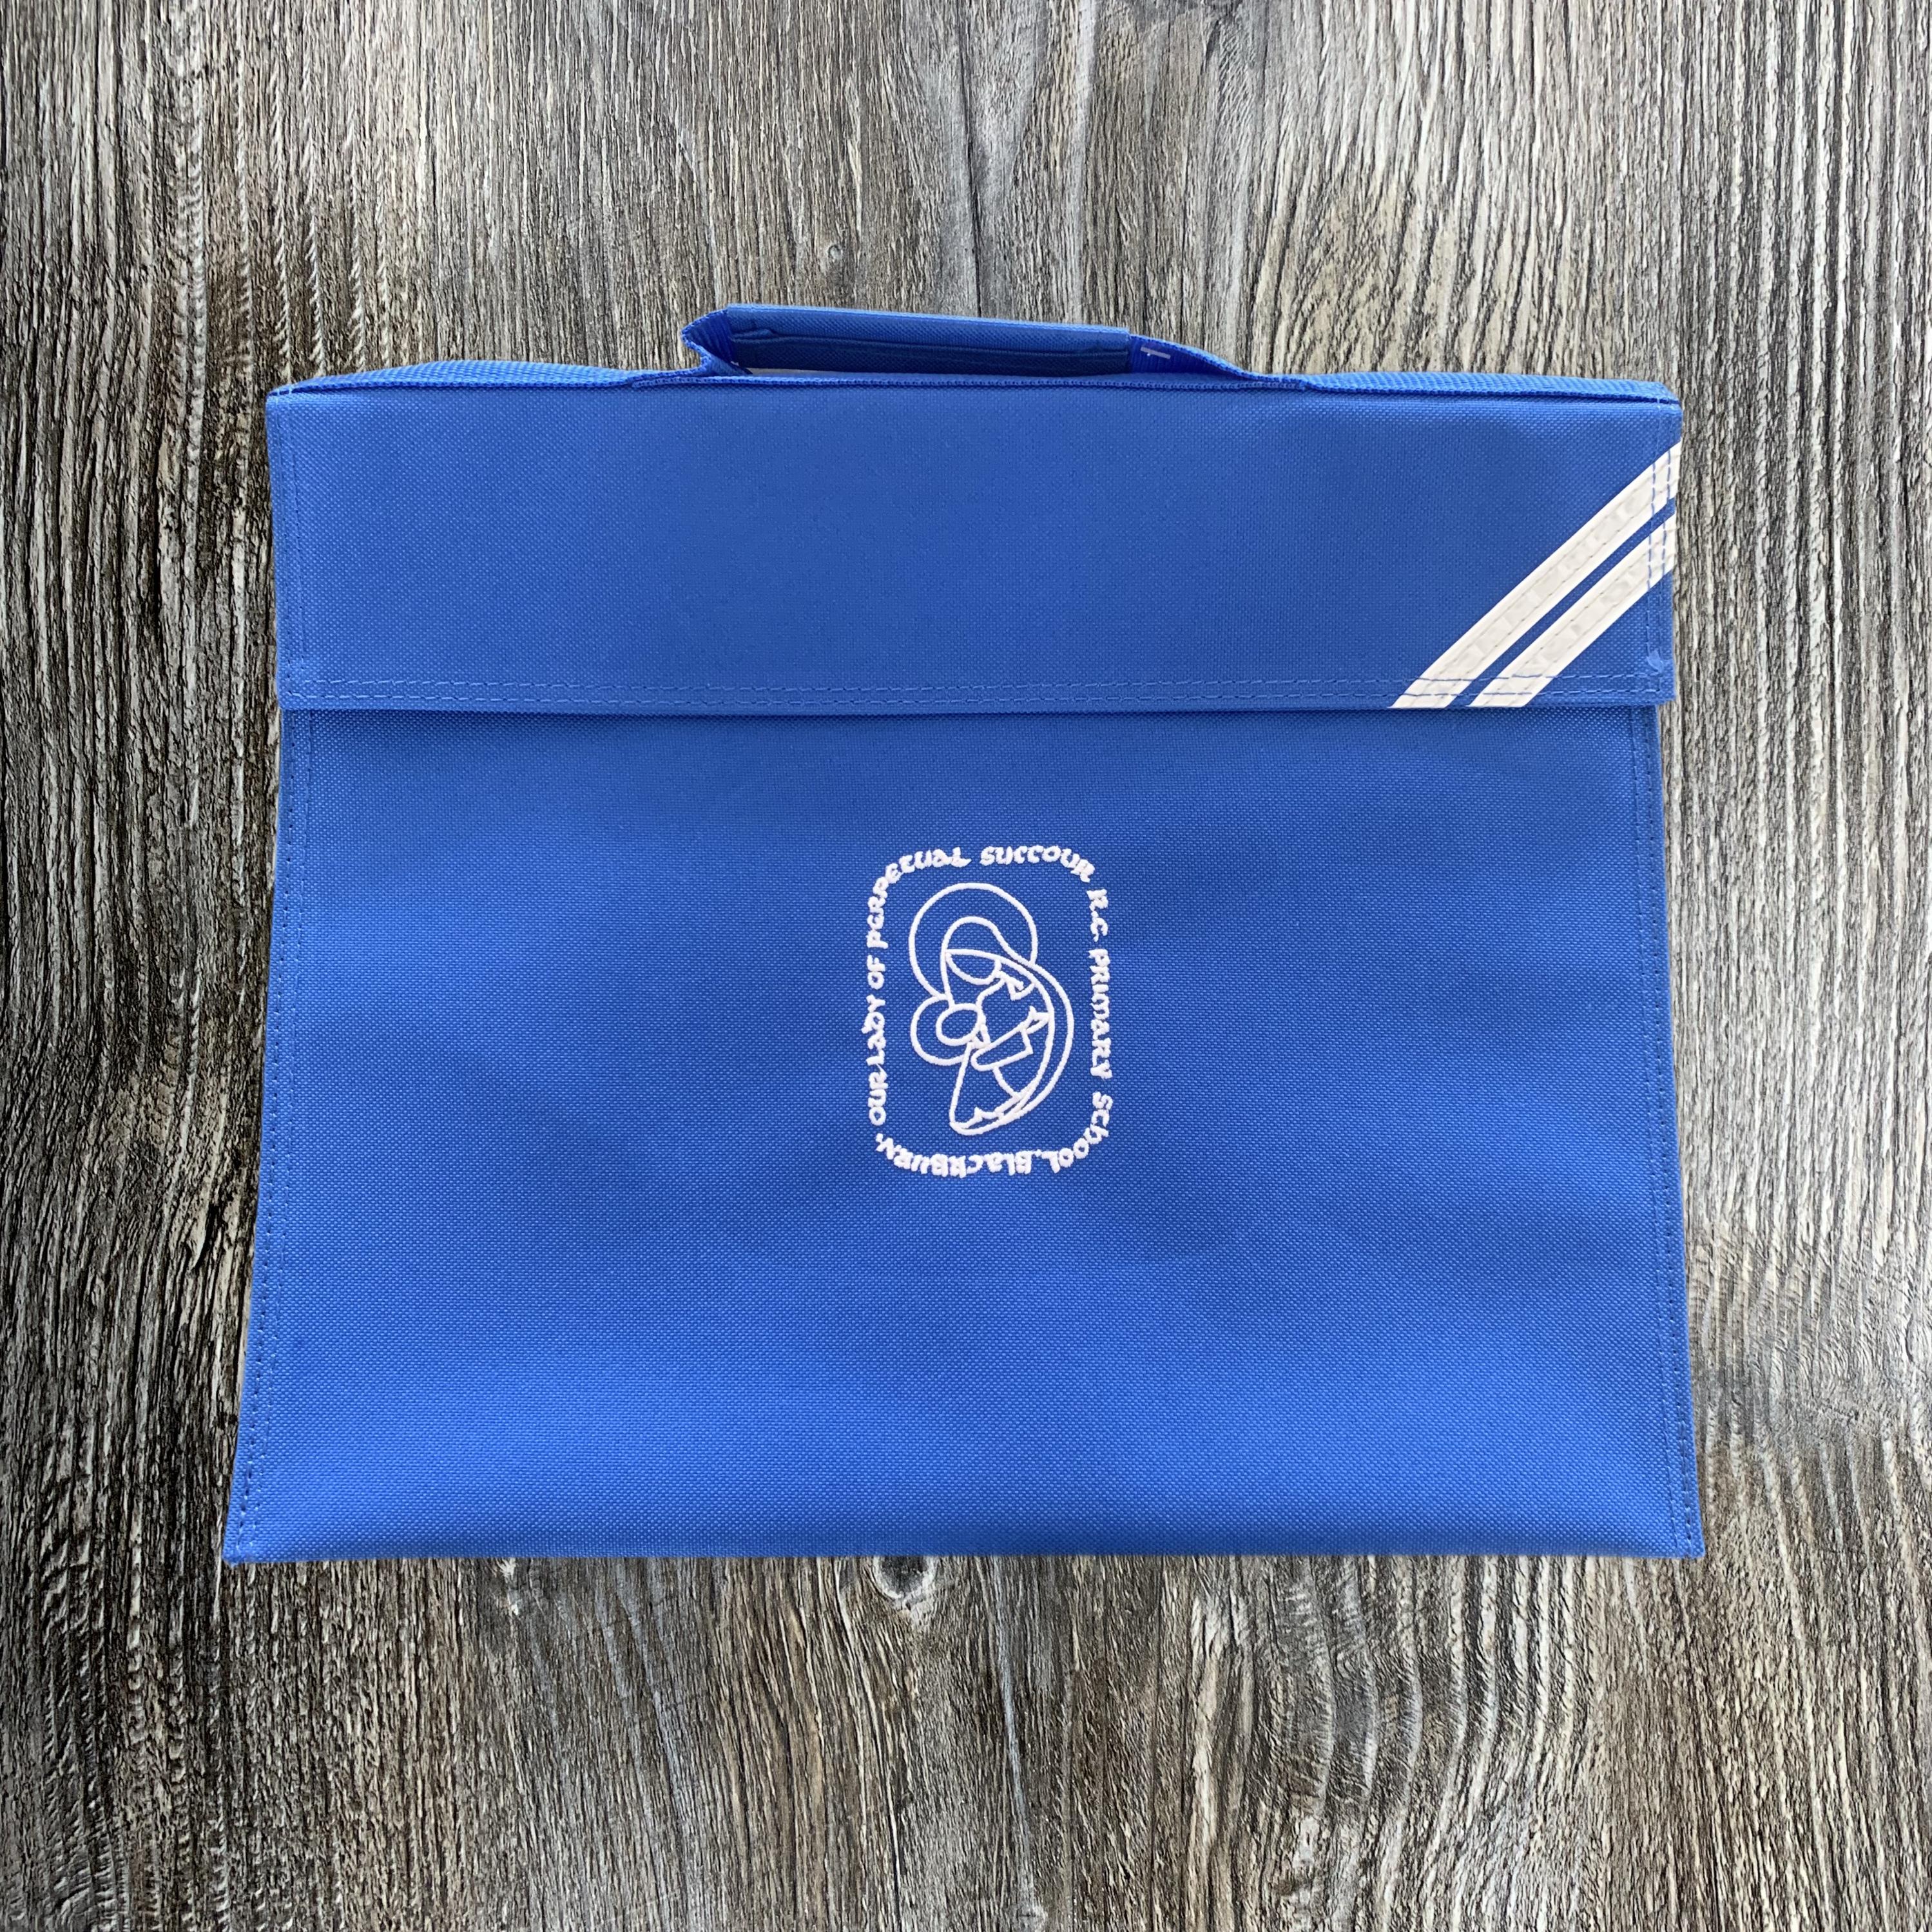 OLPS Bags